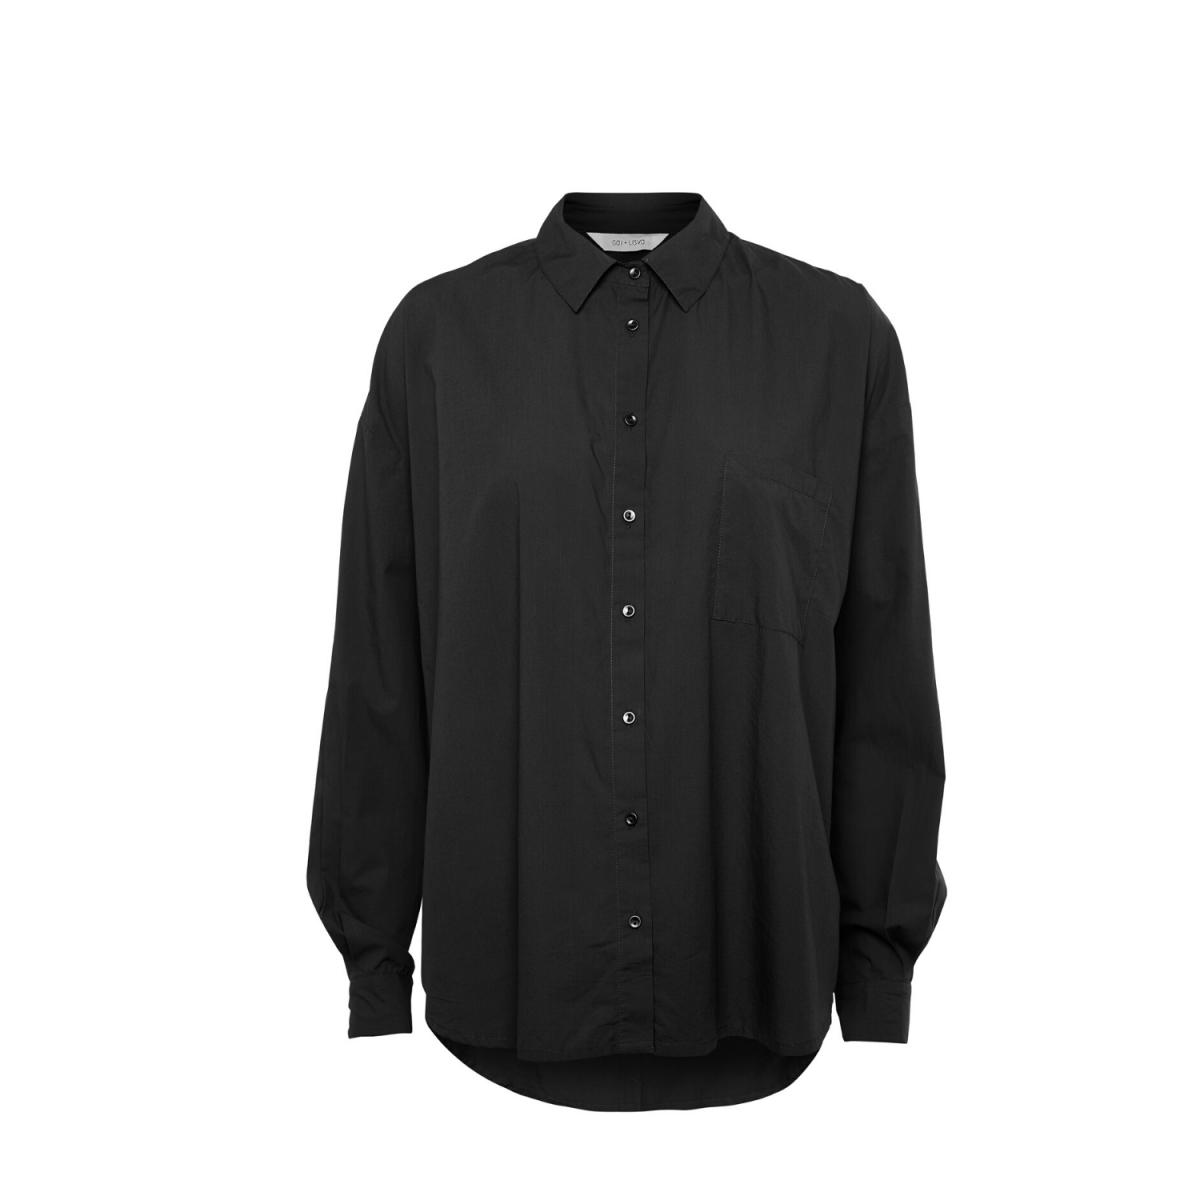 shanta shirt - black